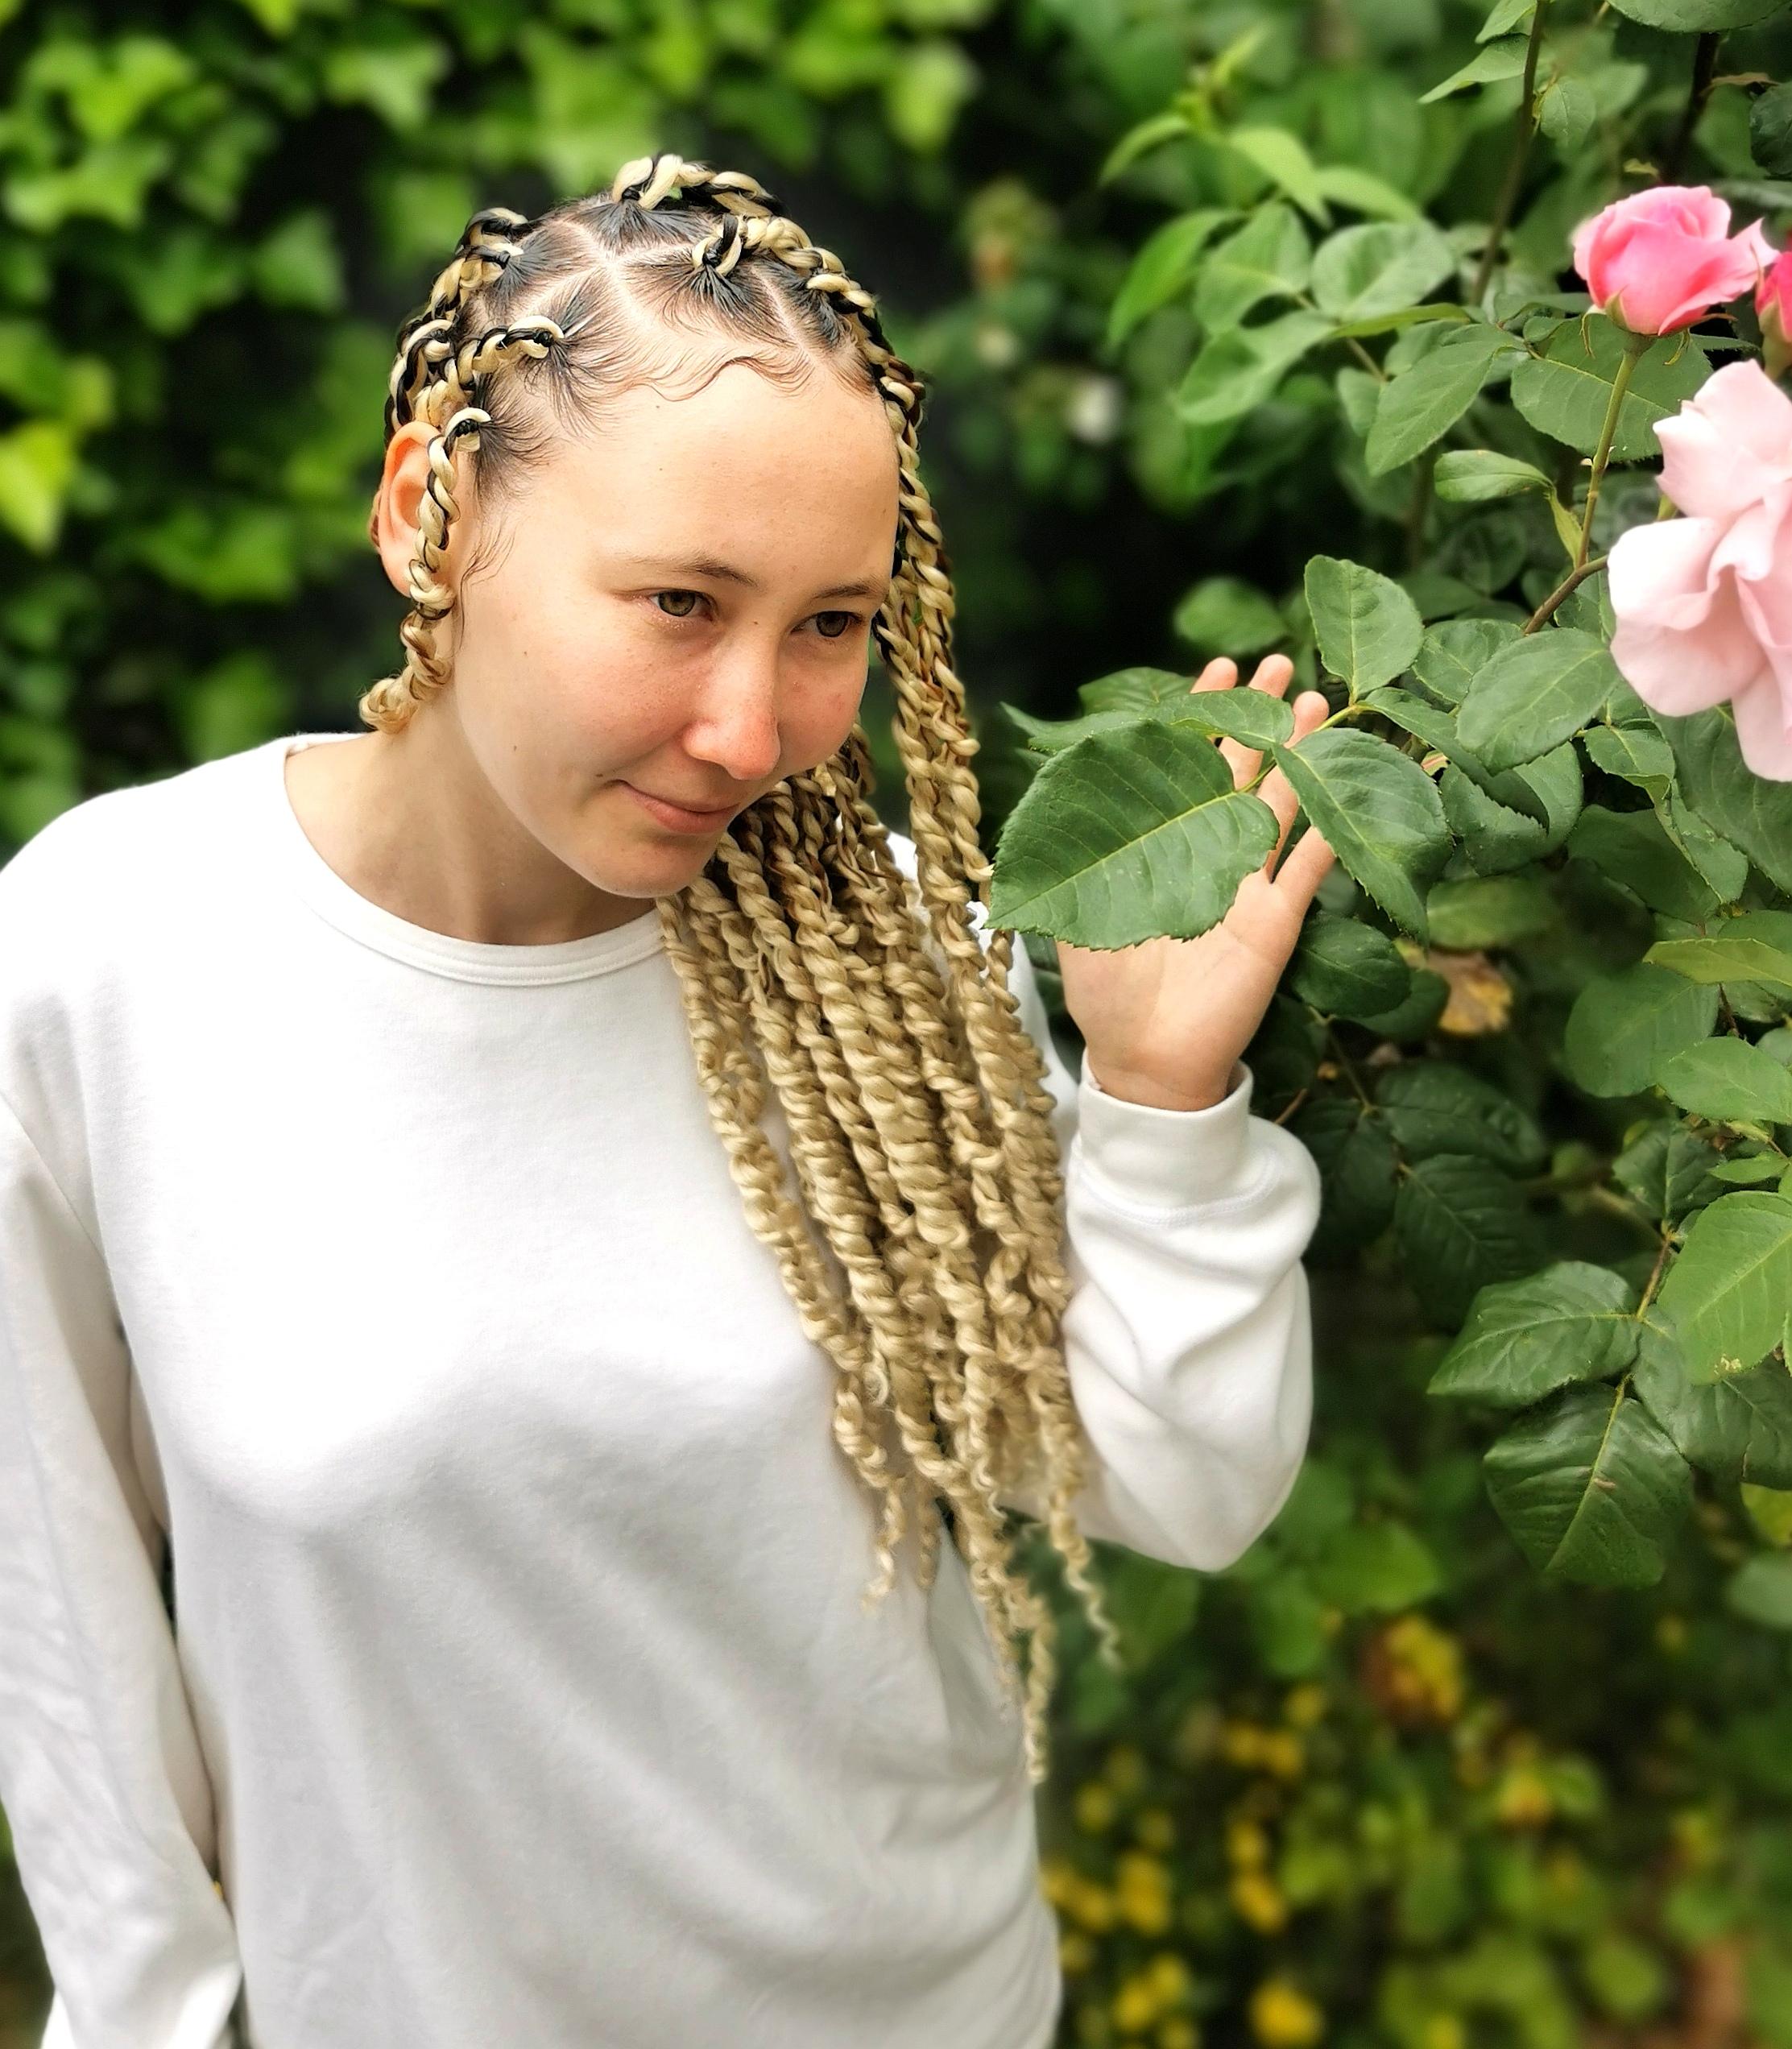 salon de coiffure afro tresse tresses box braids crochet braids vanilles tissages paris 75 77 78 91 92 93 94 95 CJENGTLY